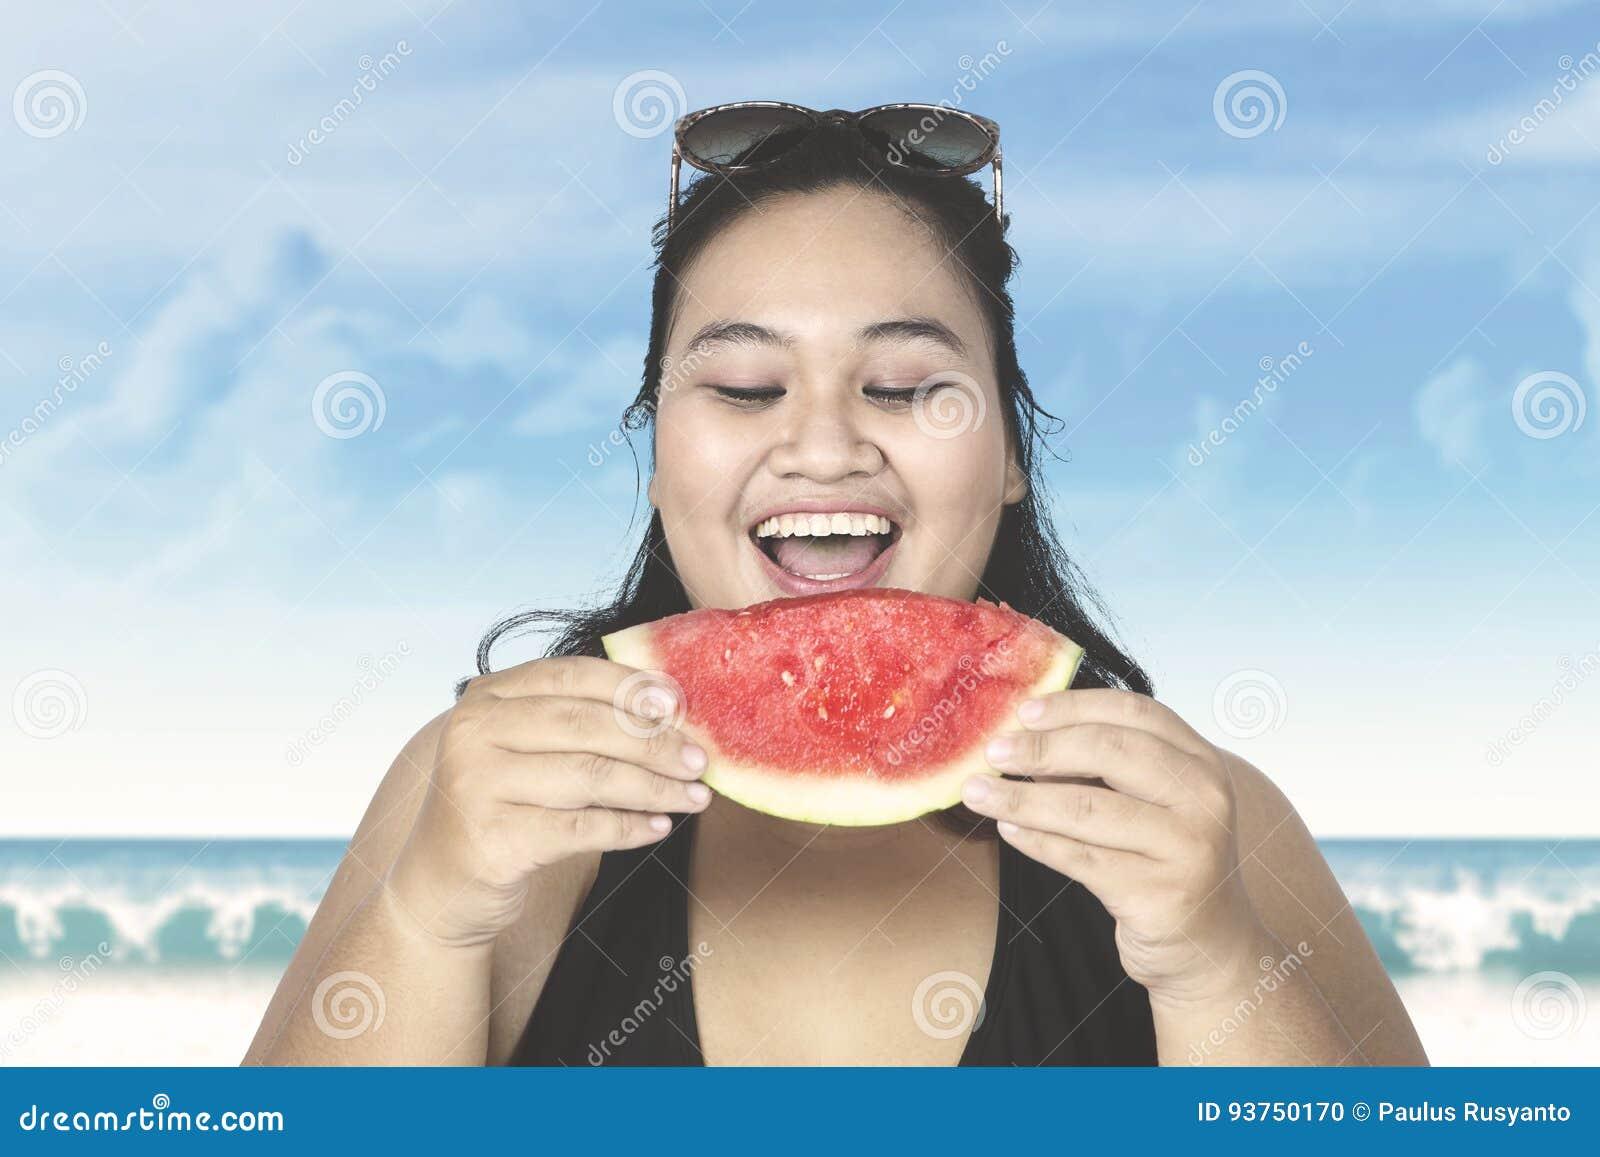 Beleibte Frau, Die Wassermelone Auf Strand Isst Stockfoto - Bild von ... 98419f1f60